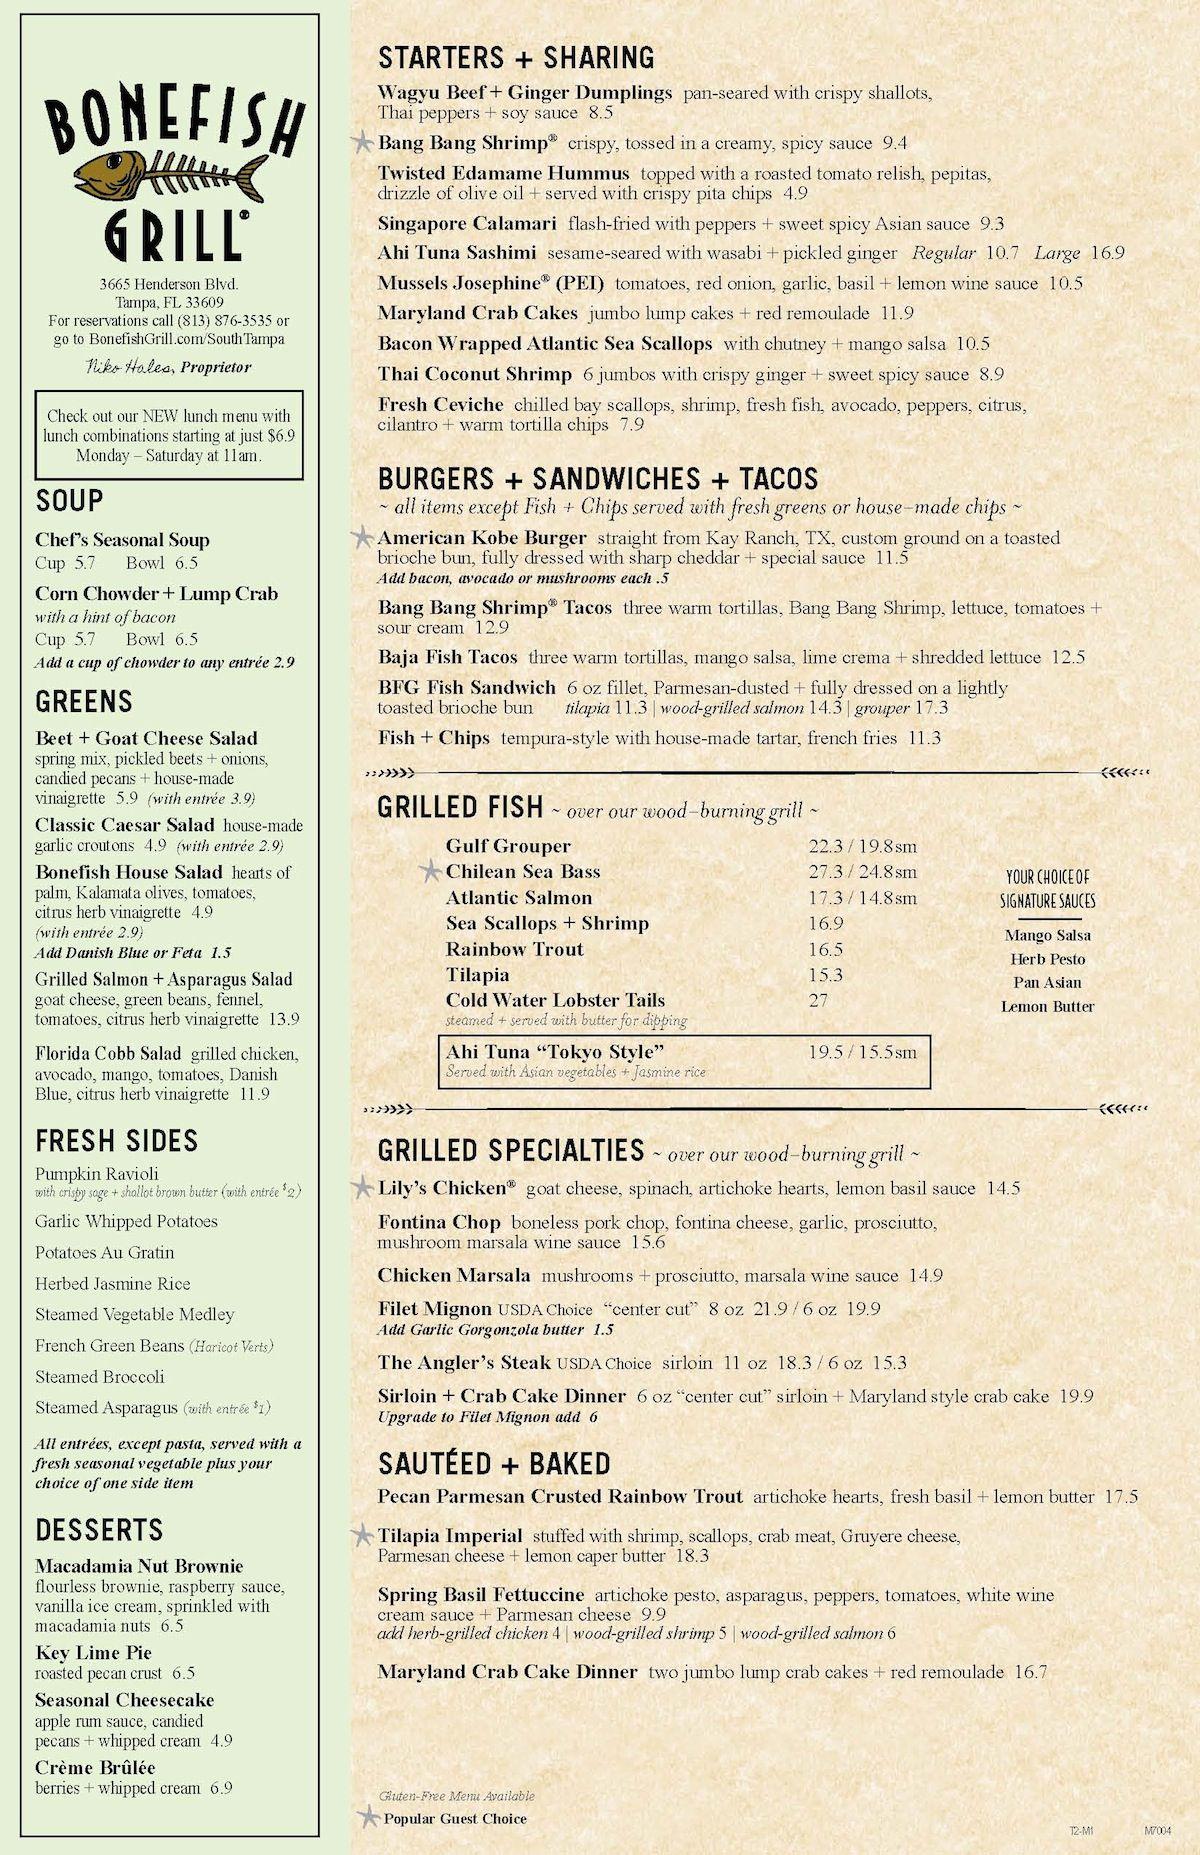 686c19f49d81253231fdd417c893be8b - Bonefish Grill Job Application Pdf